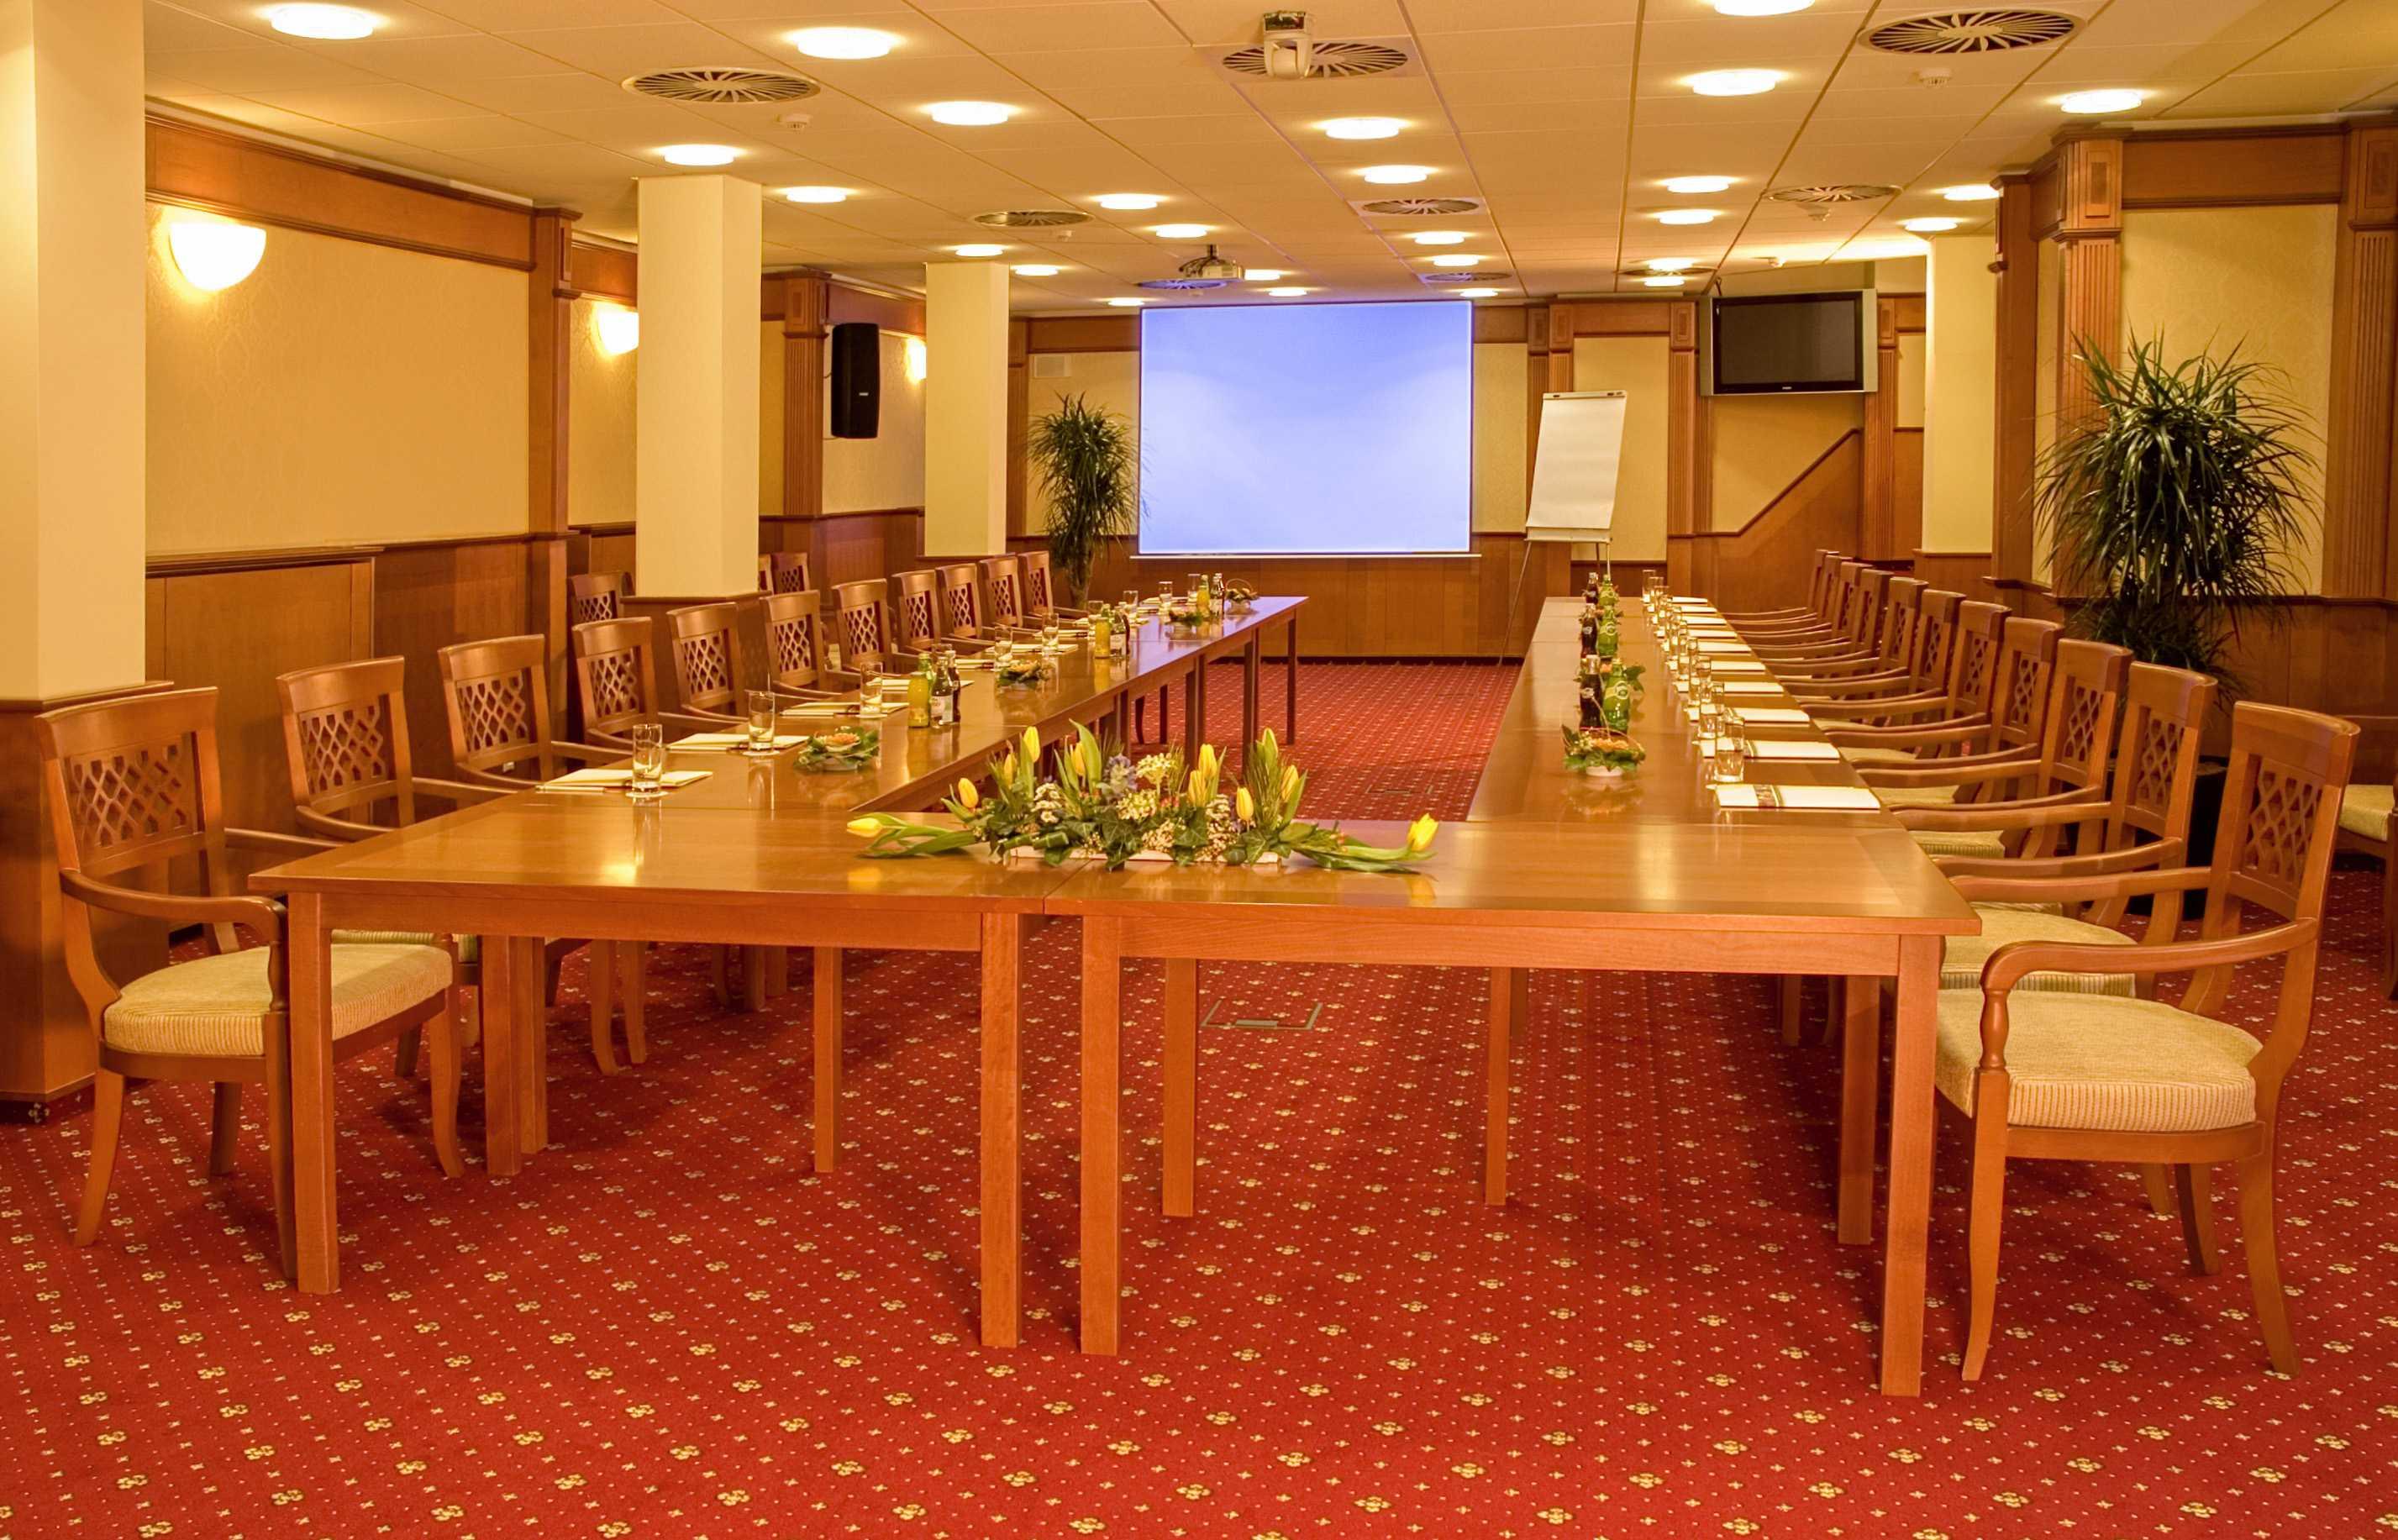 primavera-hotel-congress-centre_salonek-b-cerveny-salonek-1